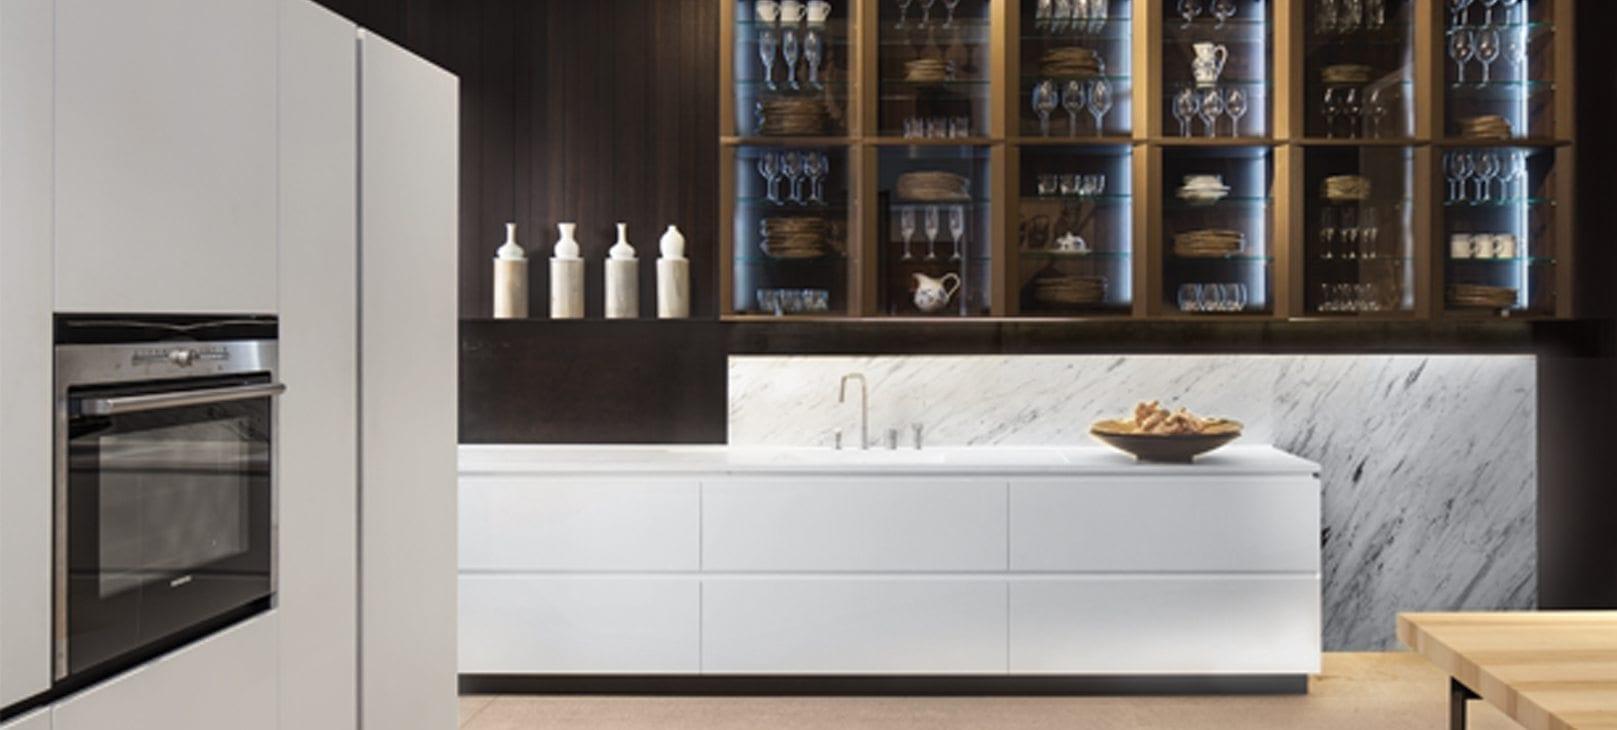 kitchen_3_1617_730